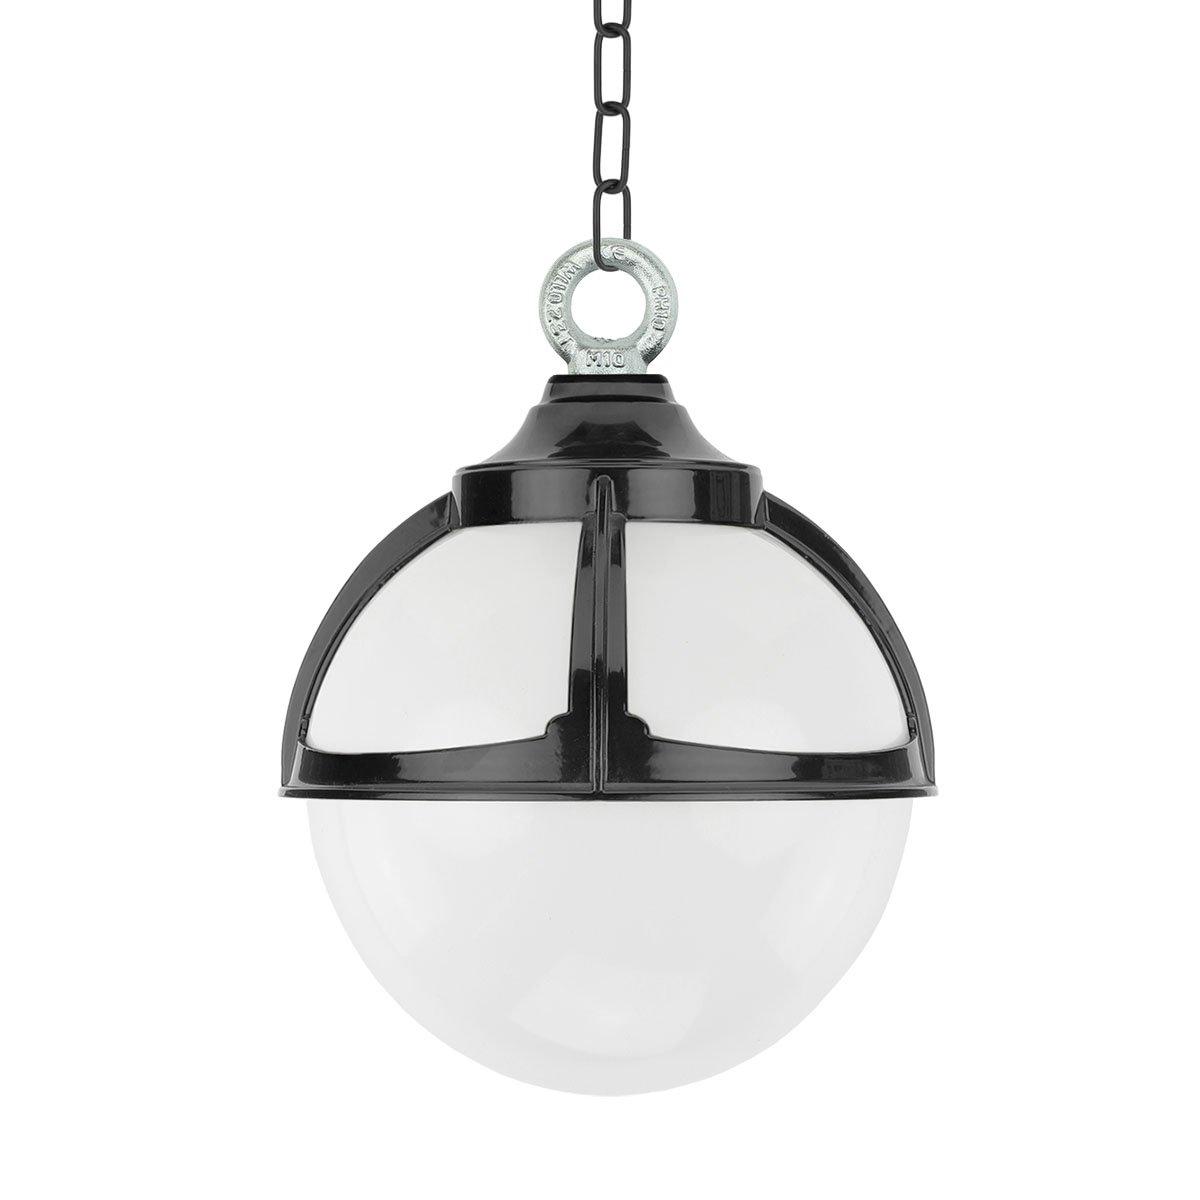 Außenbeleuchtung Klassisch Ländlich Kugel hängelampe Achlum kette - Ø 25 cm